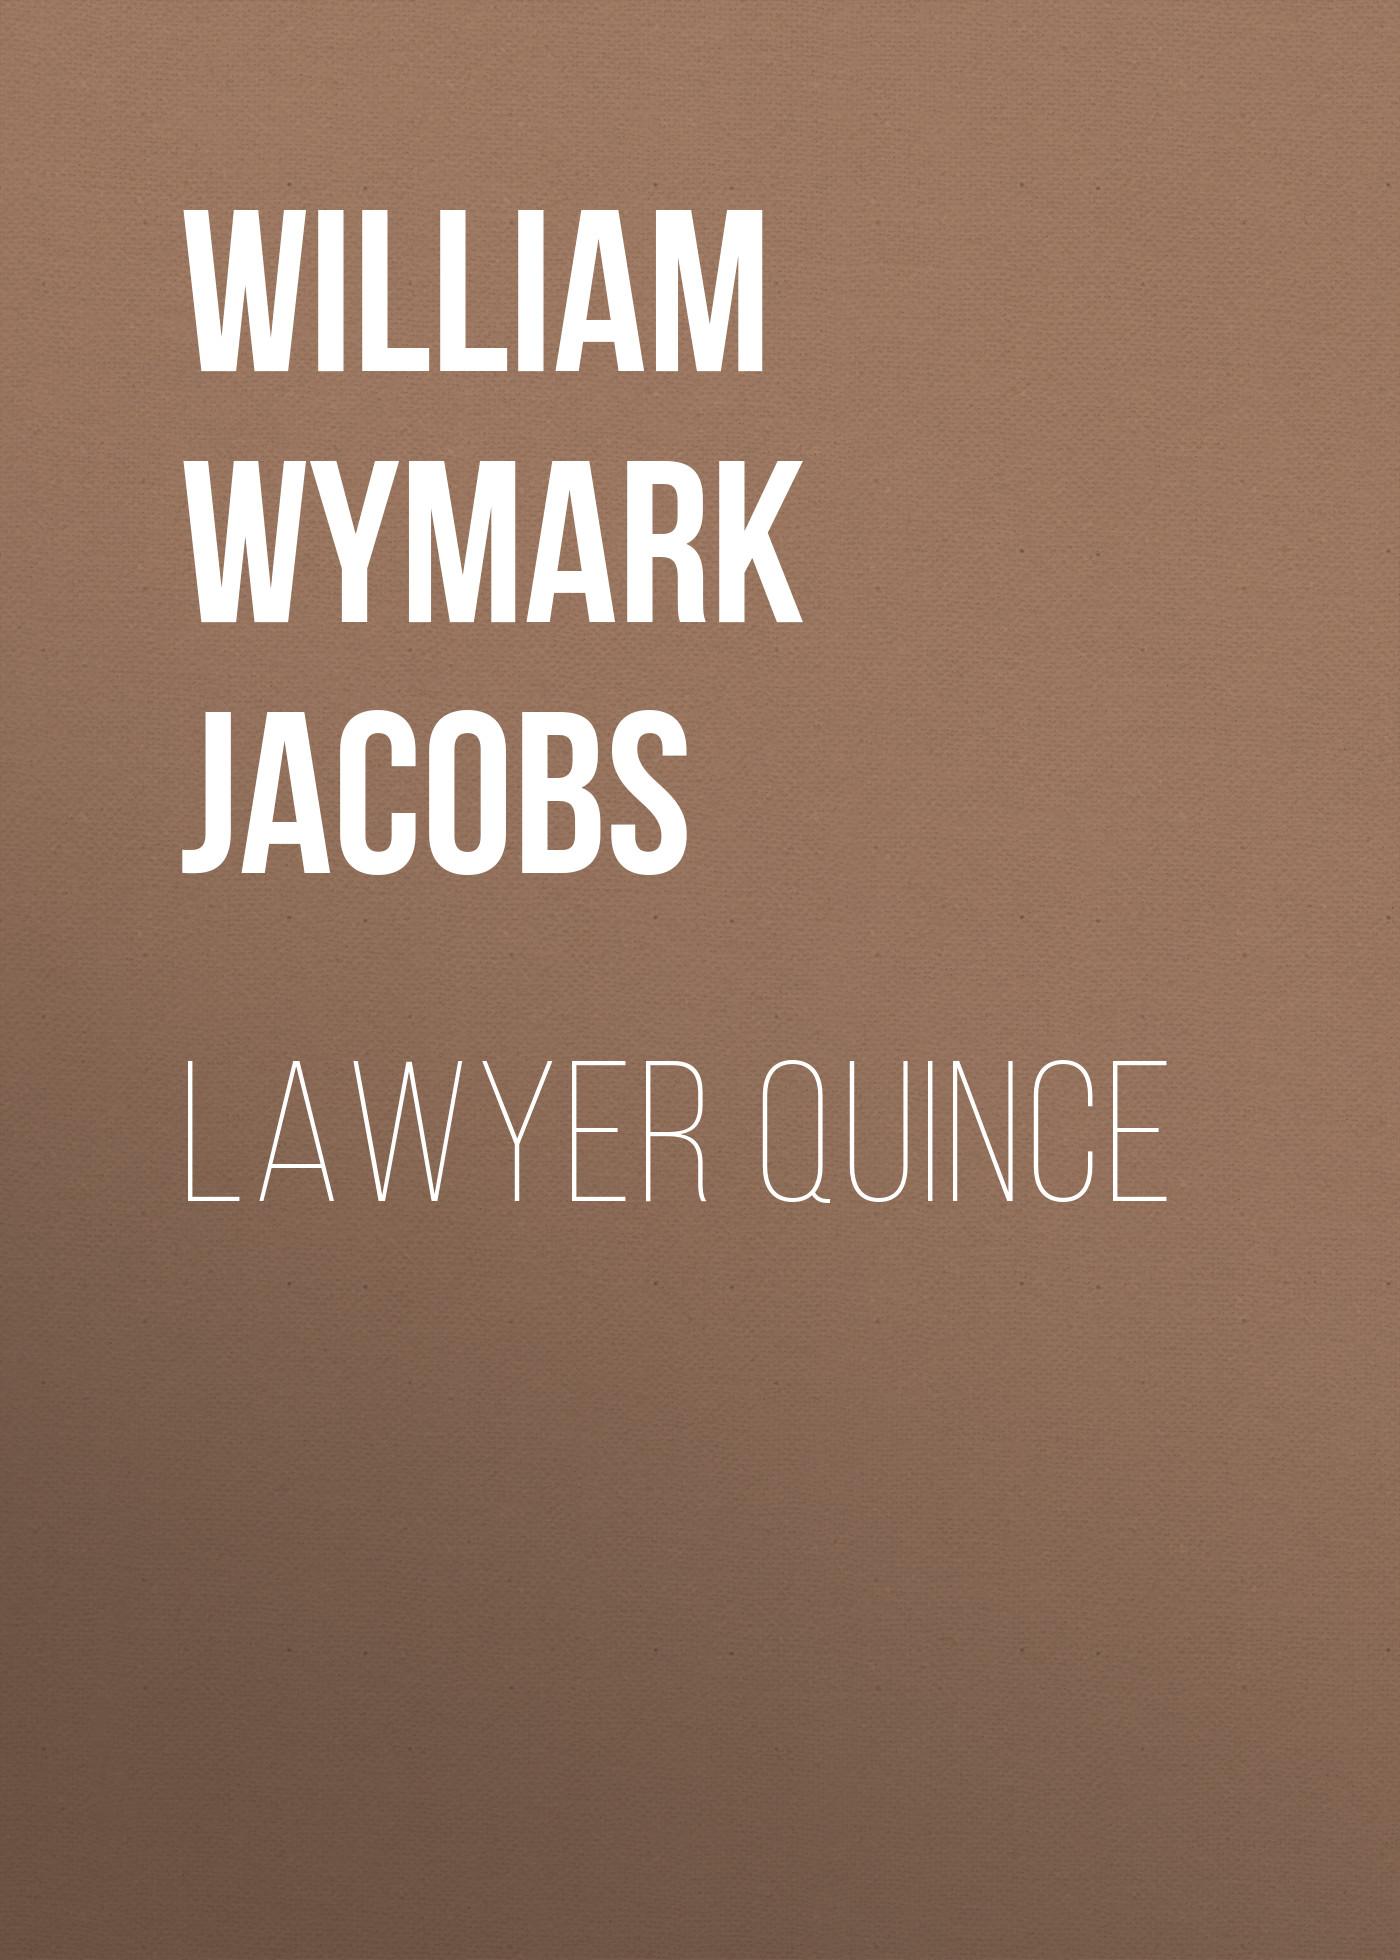 William Wymark Jacobs Lawyer Quince недорого